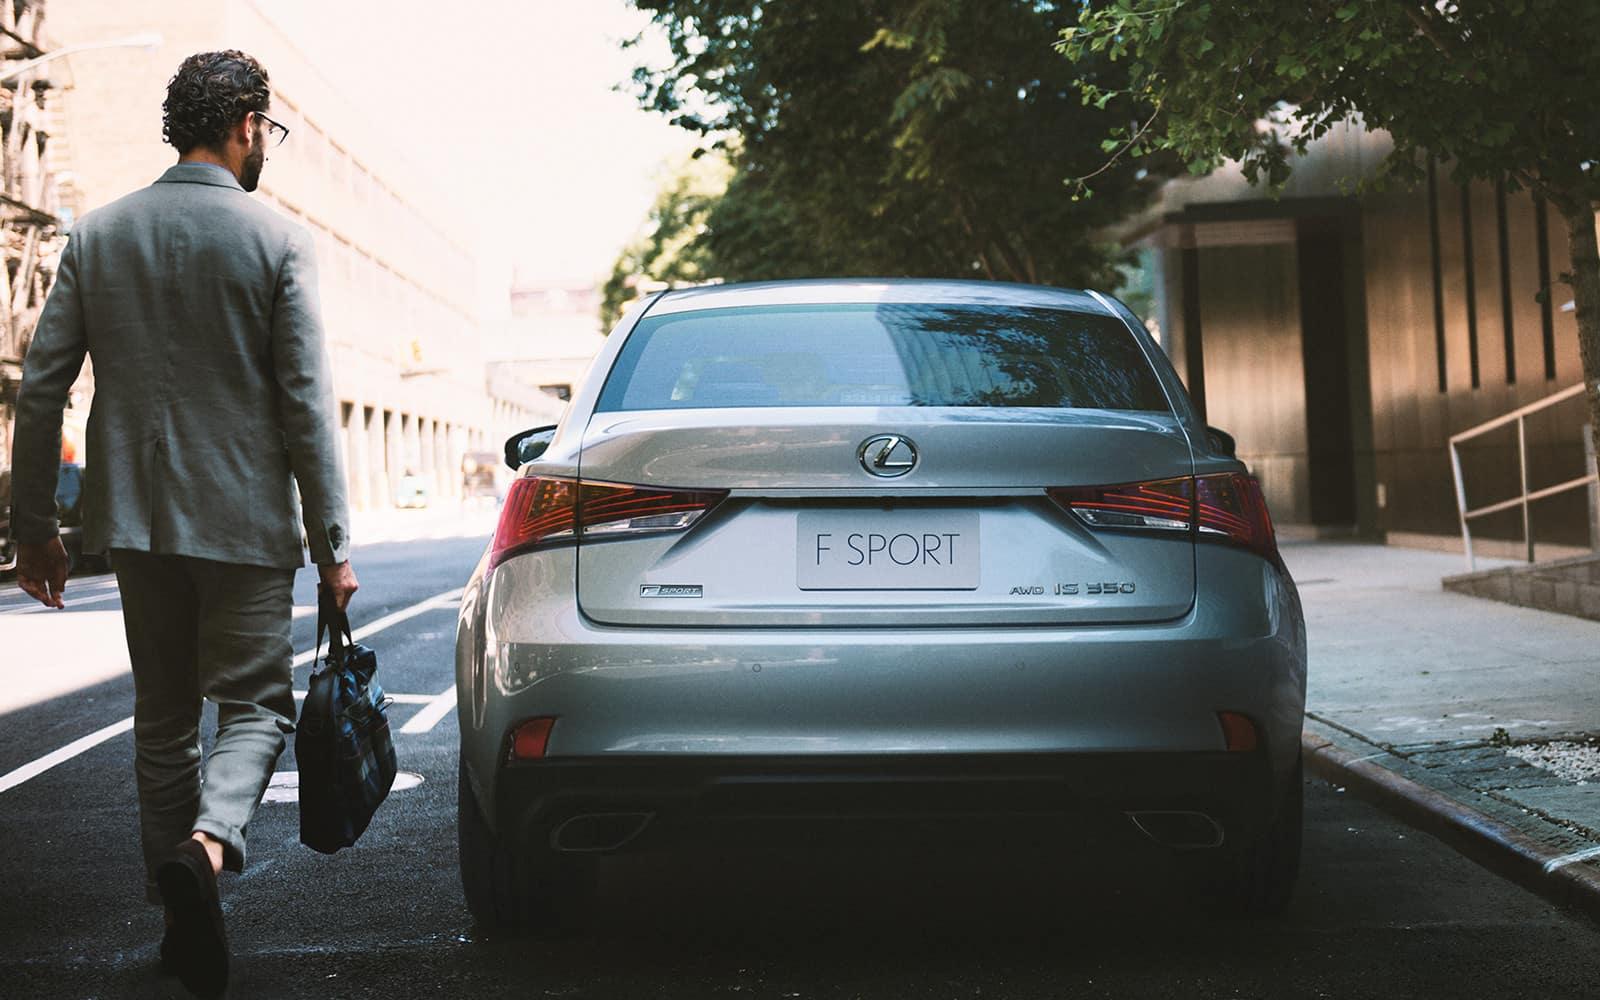 lexus-2018-is-350-awd-f-sport-series-1-atomic-silver-rear-l